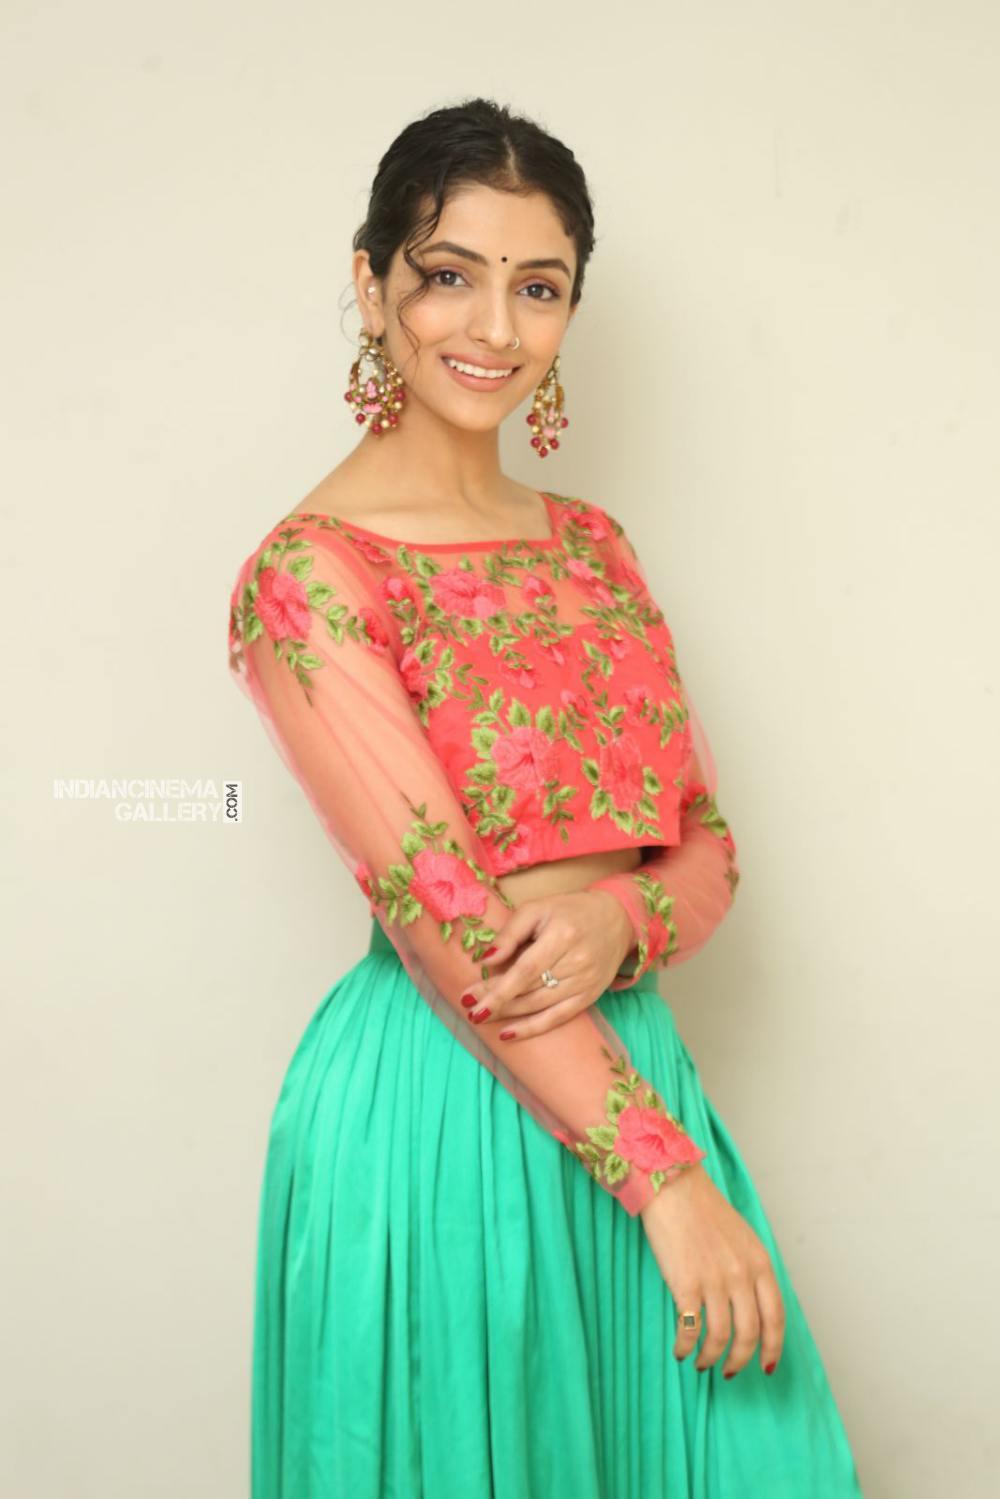 Diksha Sharma Raina new stills (3)